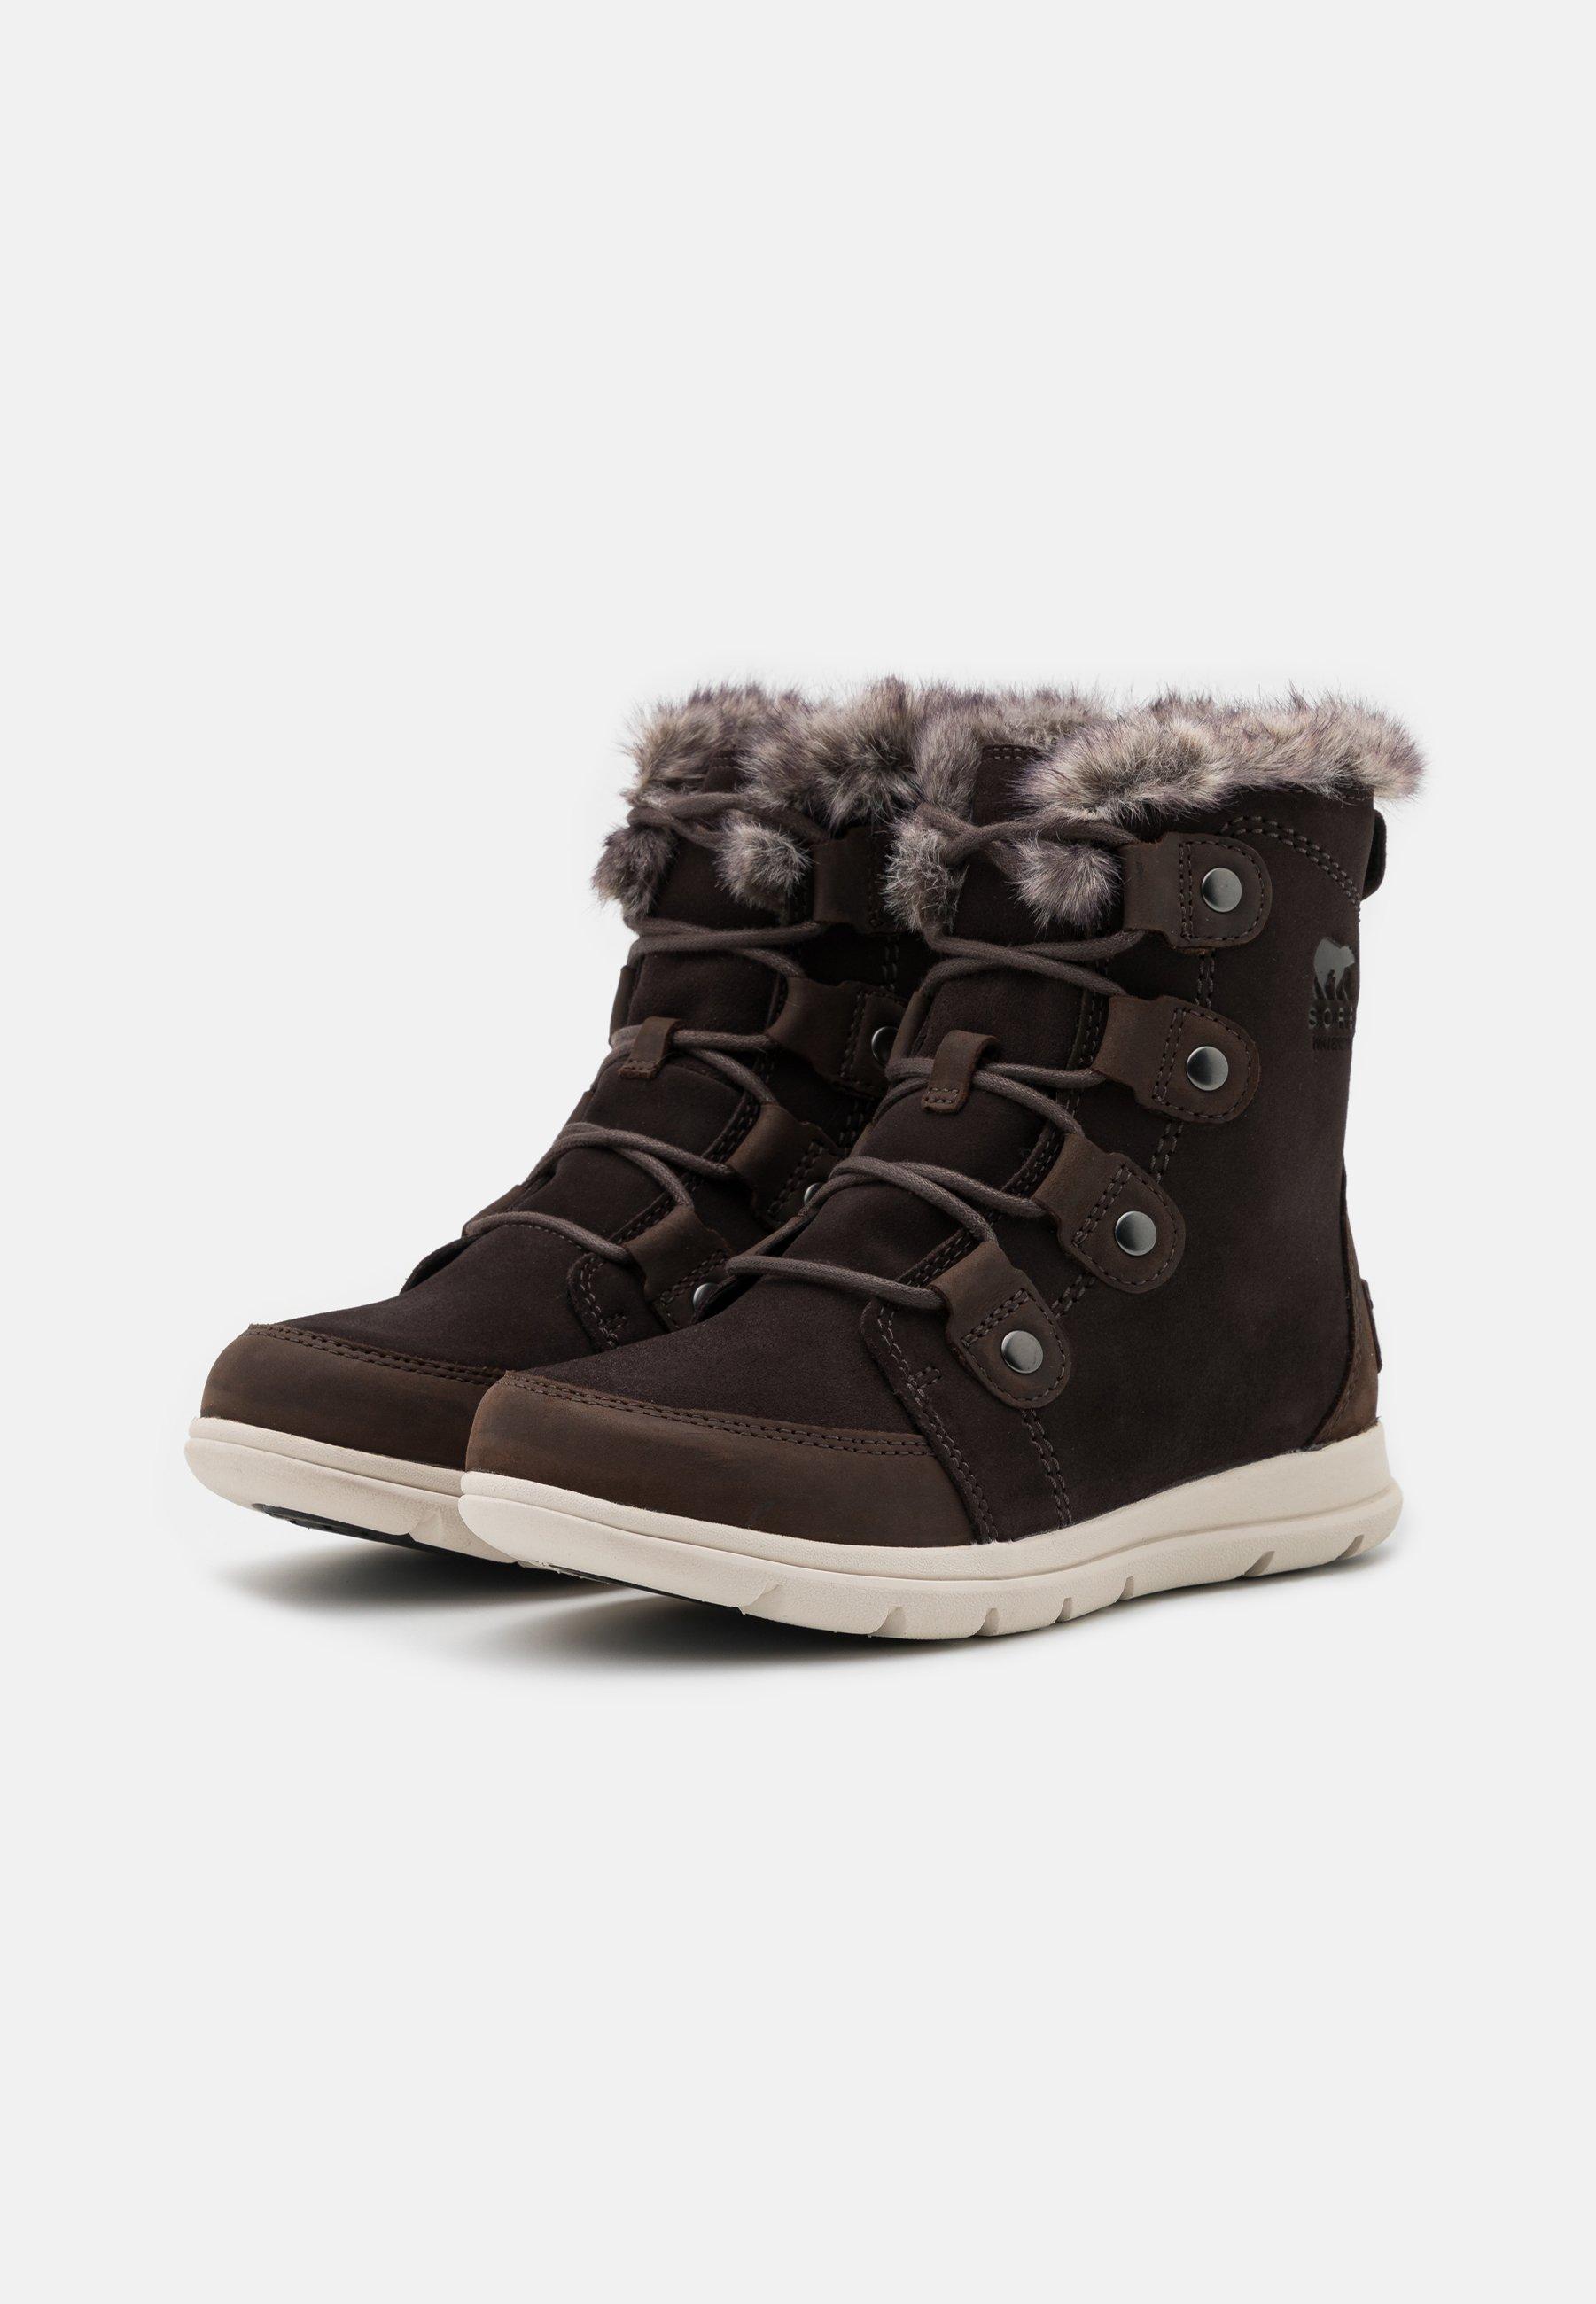 Sorel EXPLORER JOAN Snowboot/Winterstiefel brown/braun